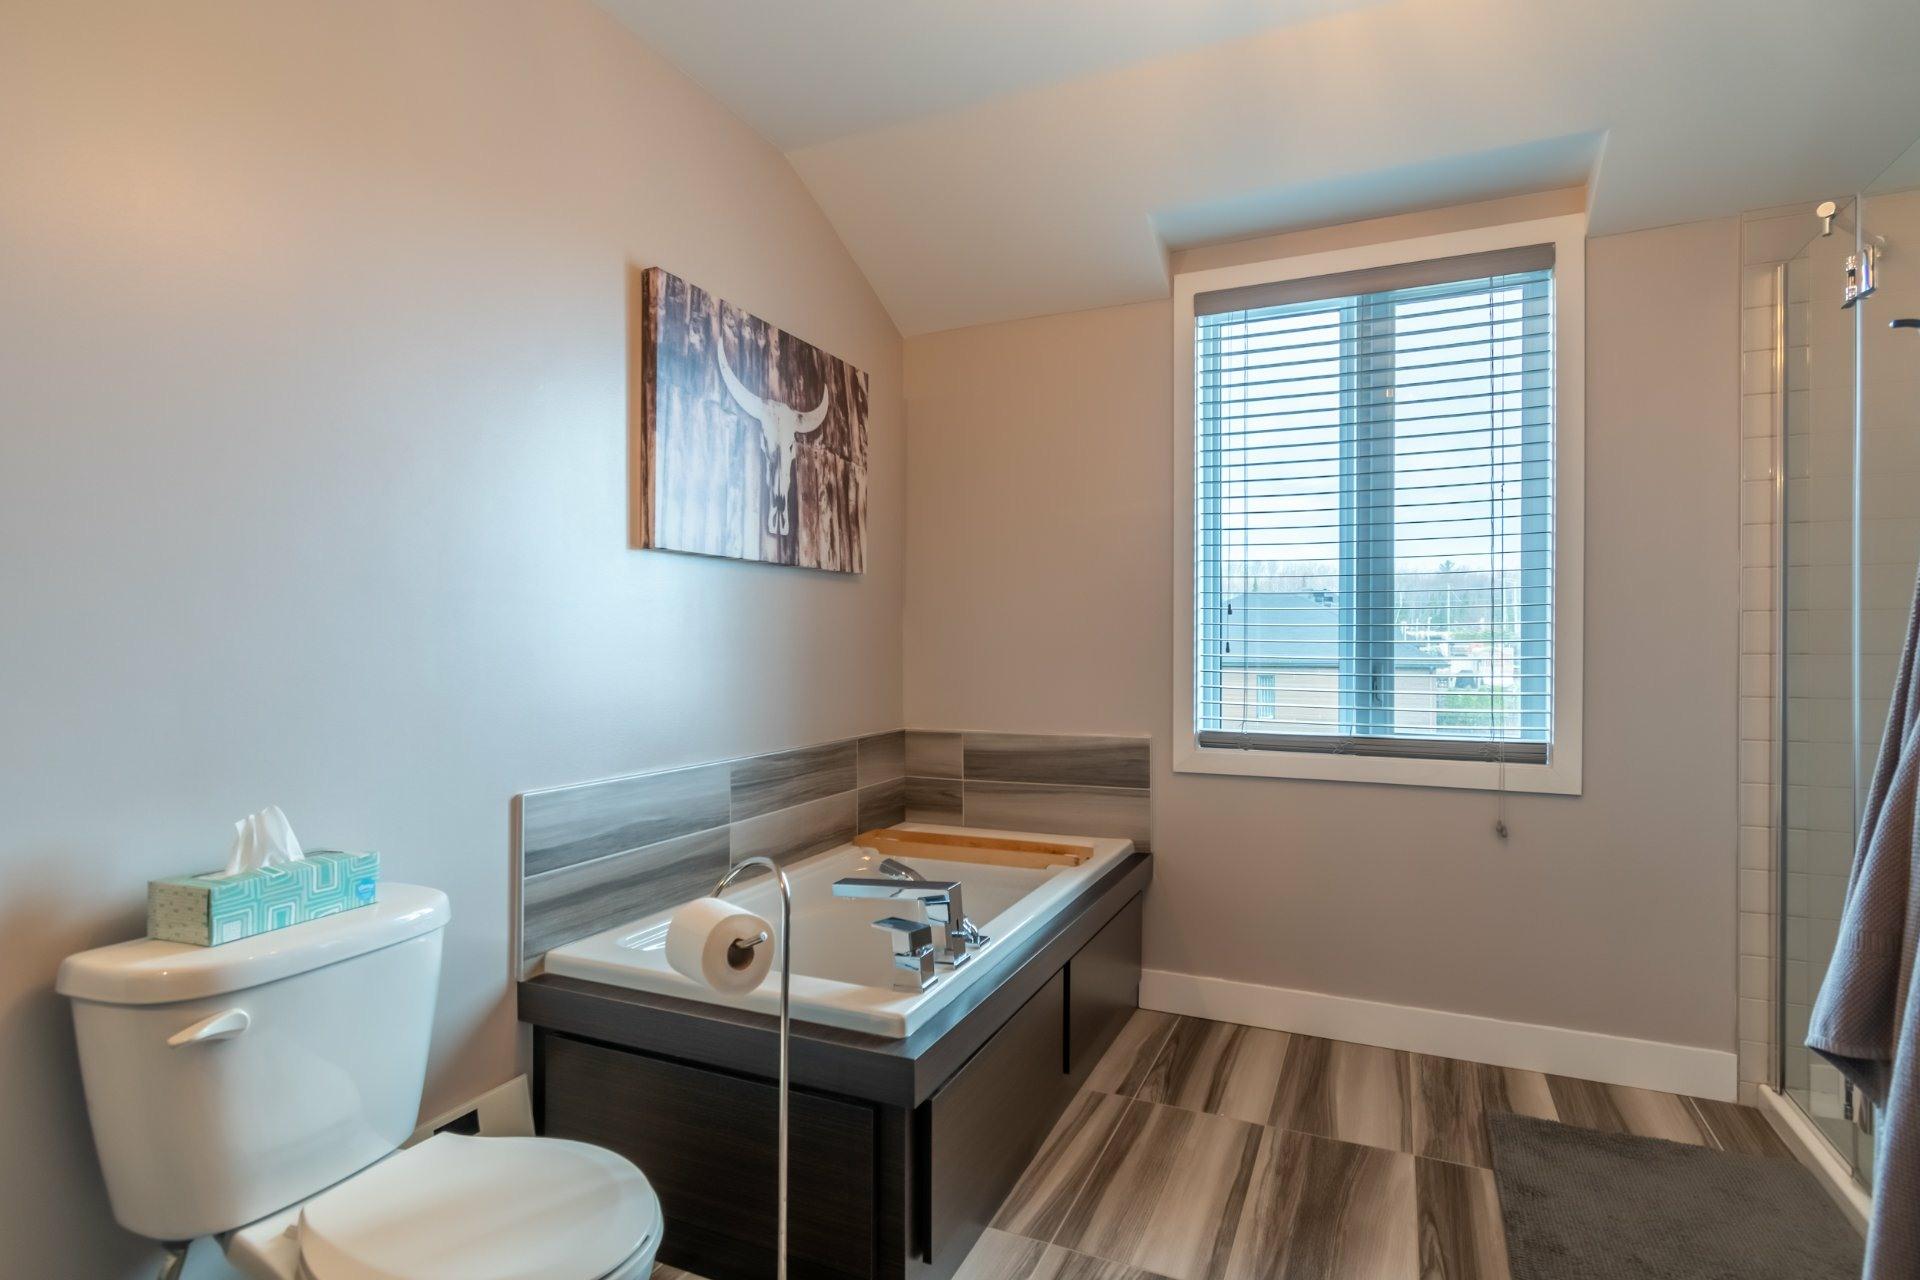 image 19 - House For sale Trois-Rivières - 9 rooms